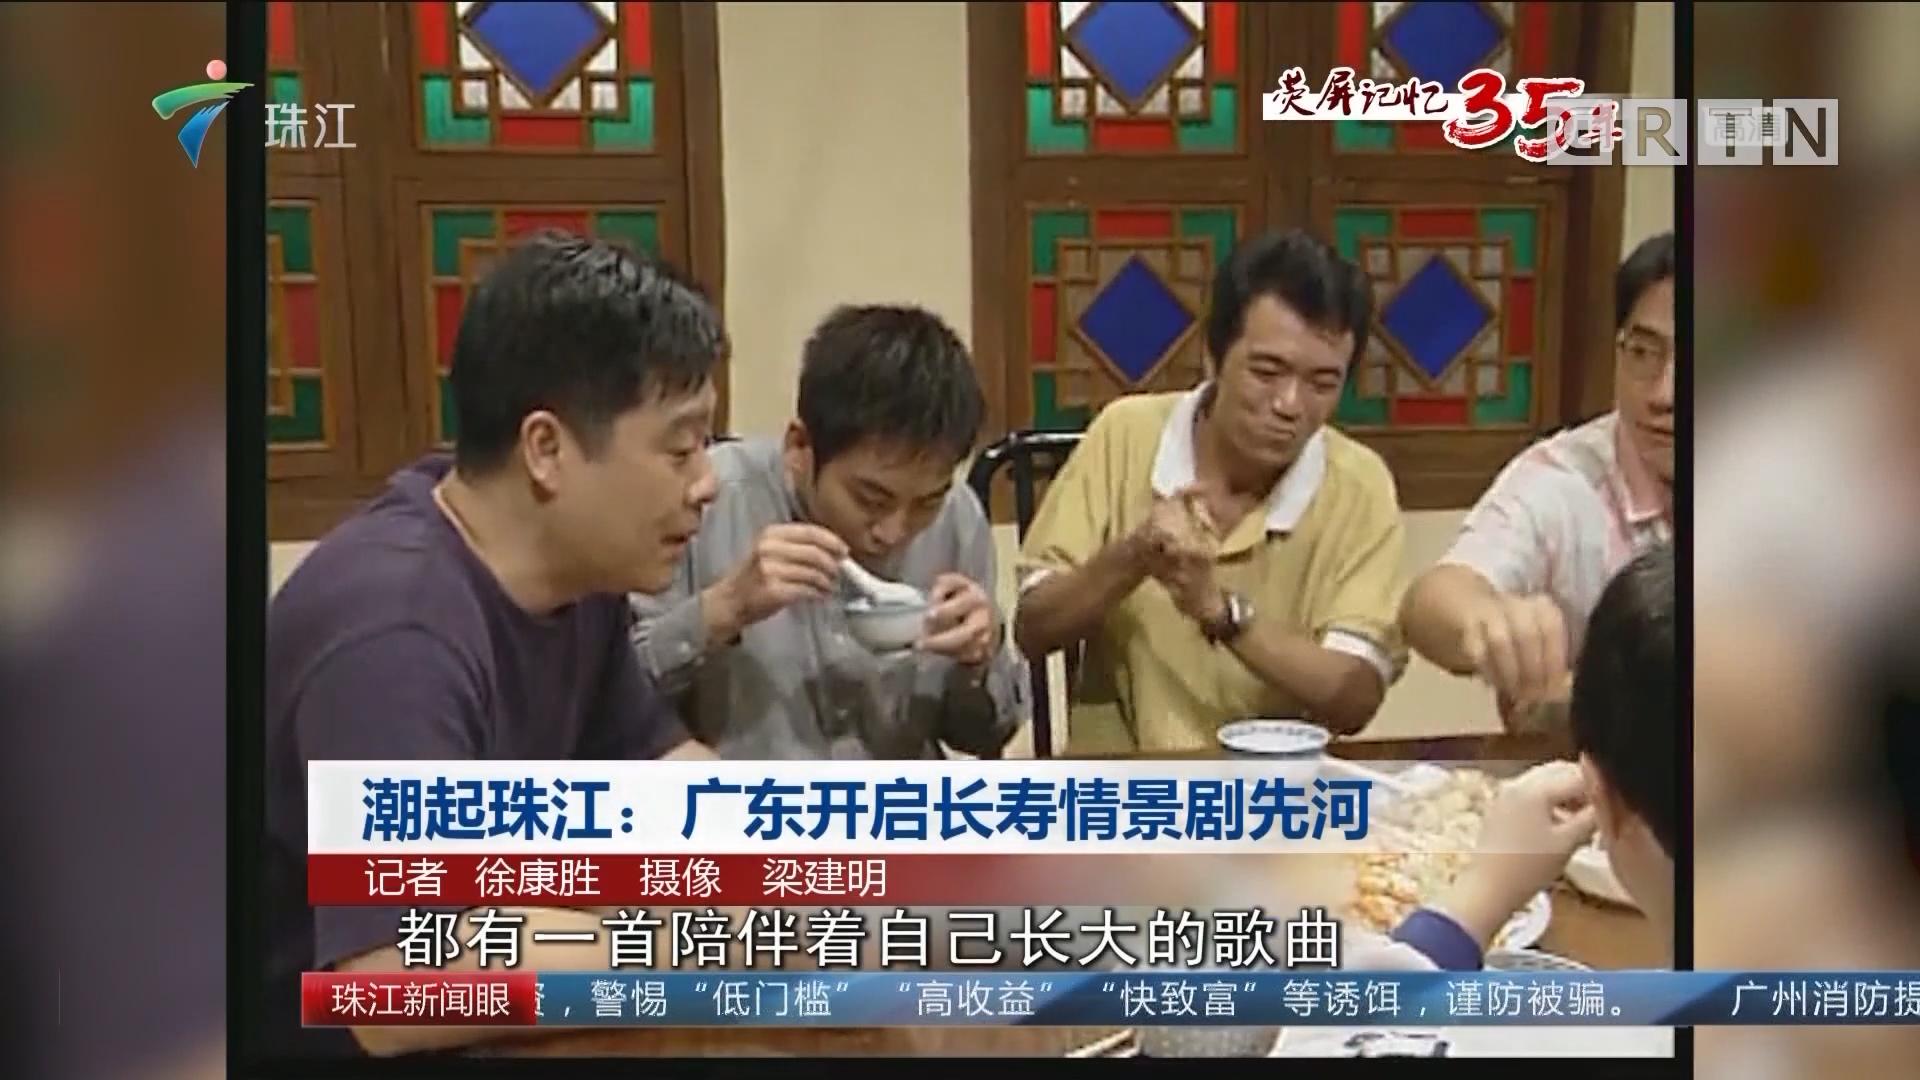 潮起珠江:广东开启长寿情景剧先河